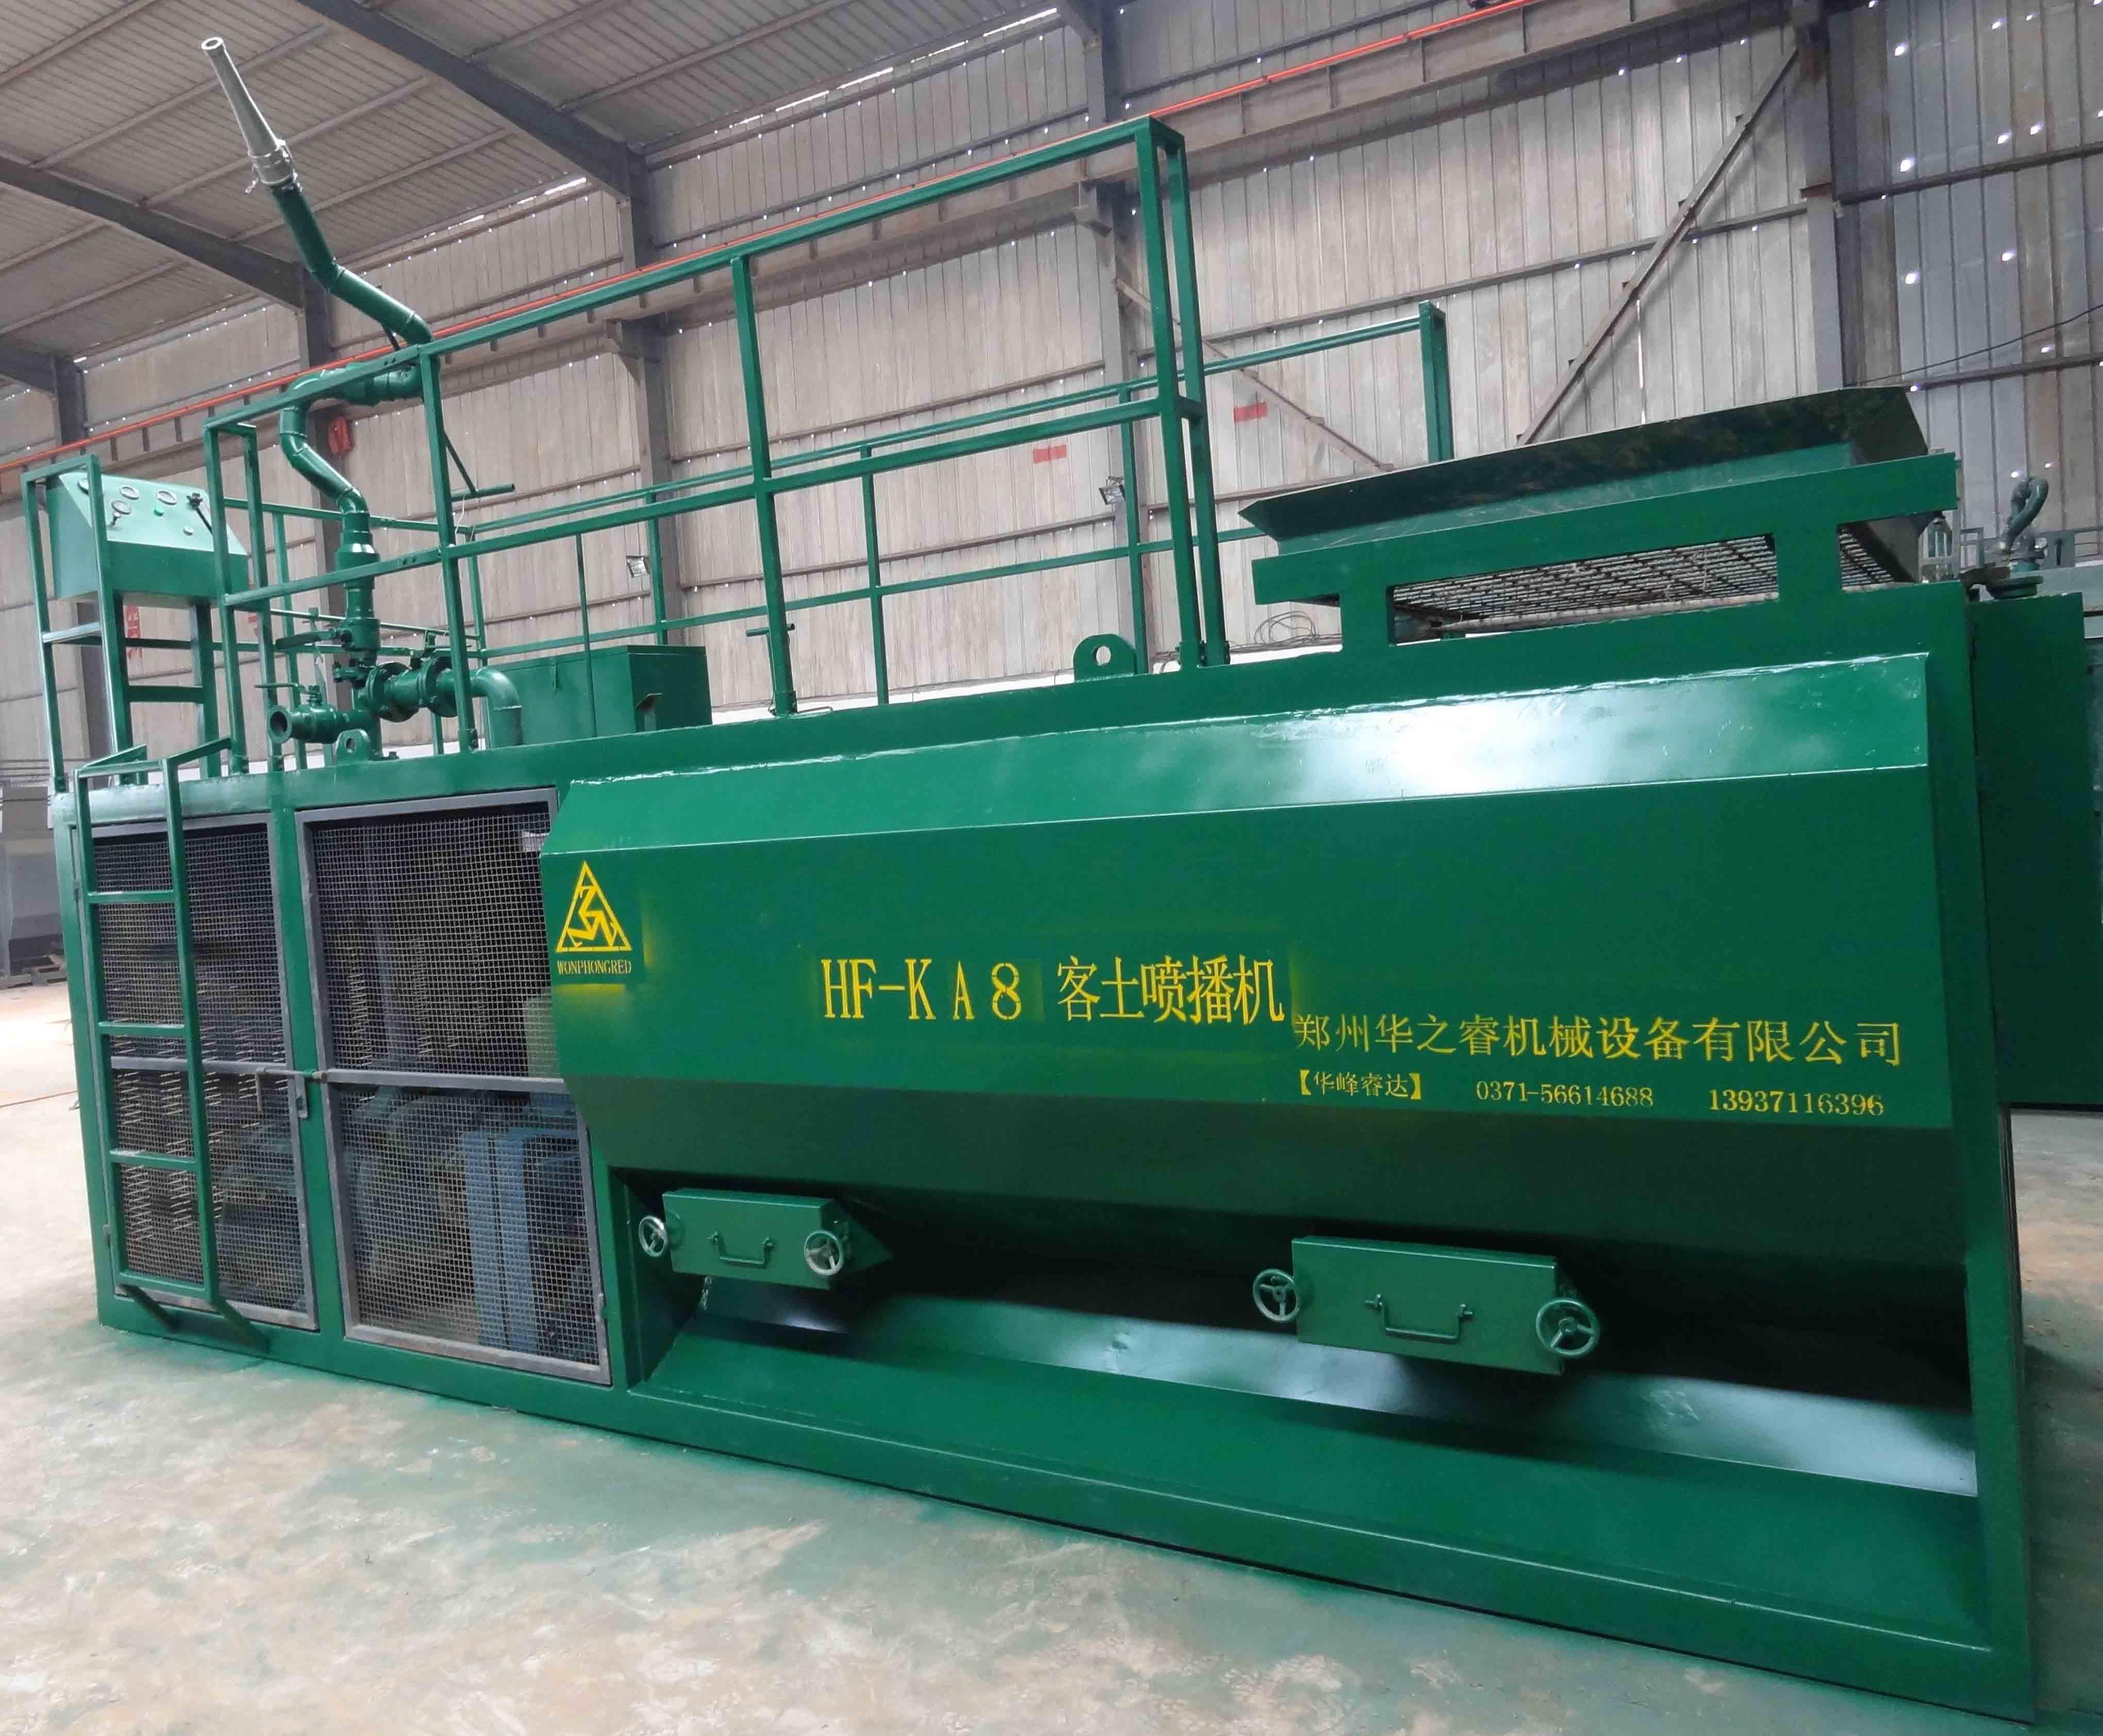 湖南湘潭车载式喷播机喷播机公司机器